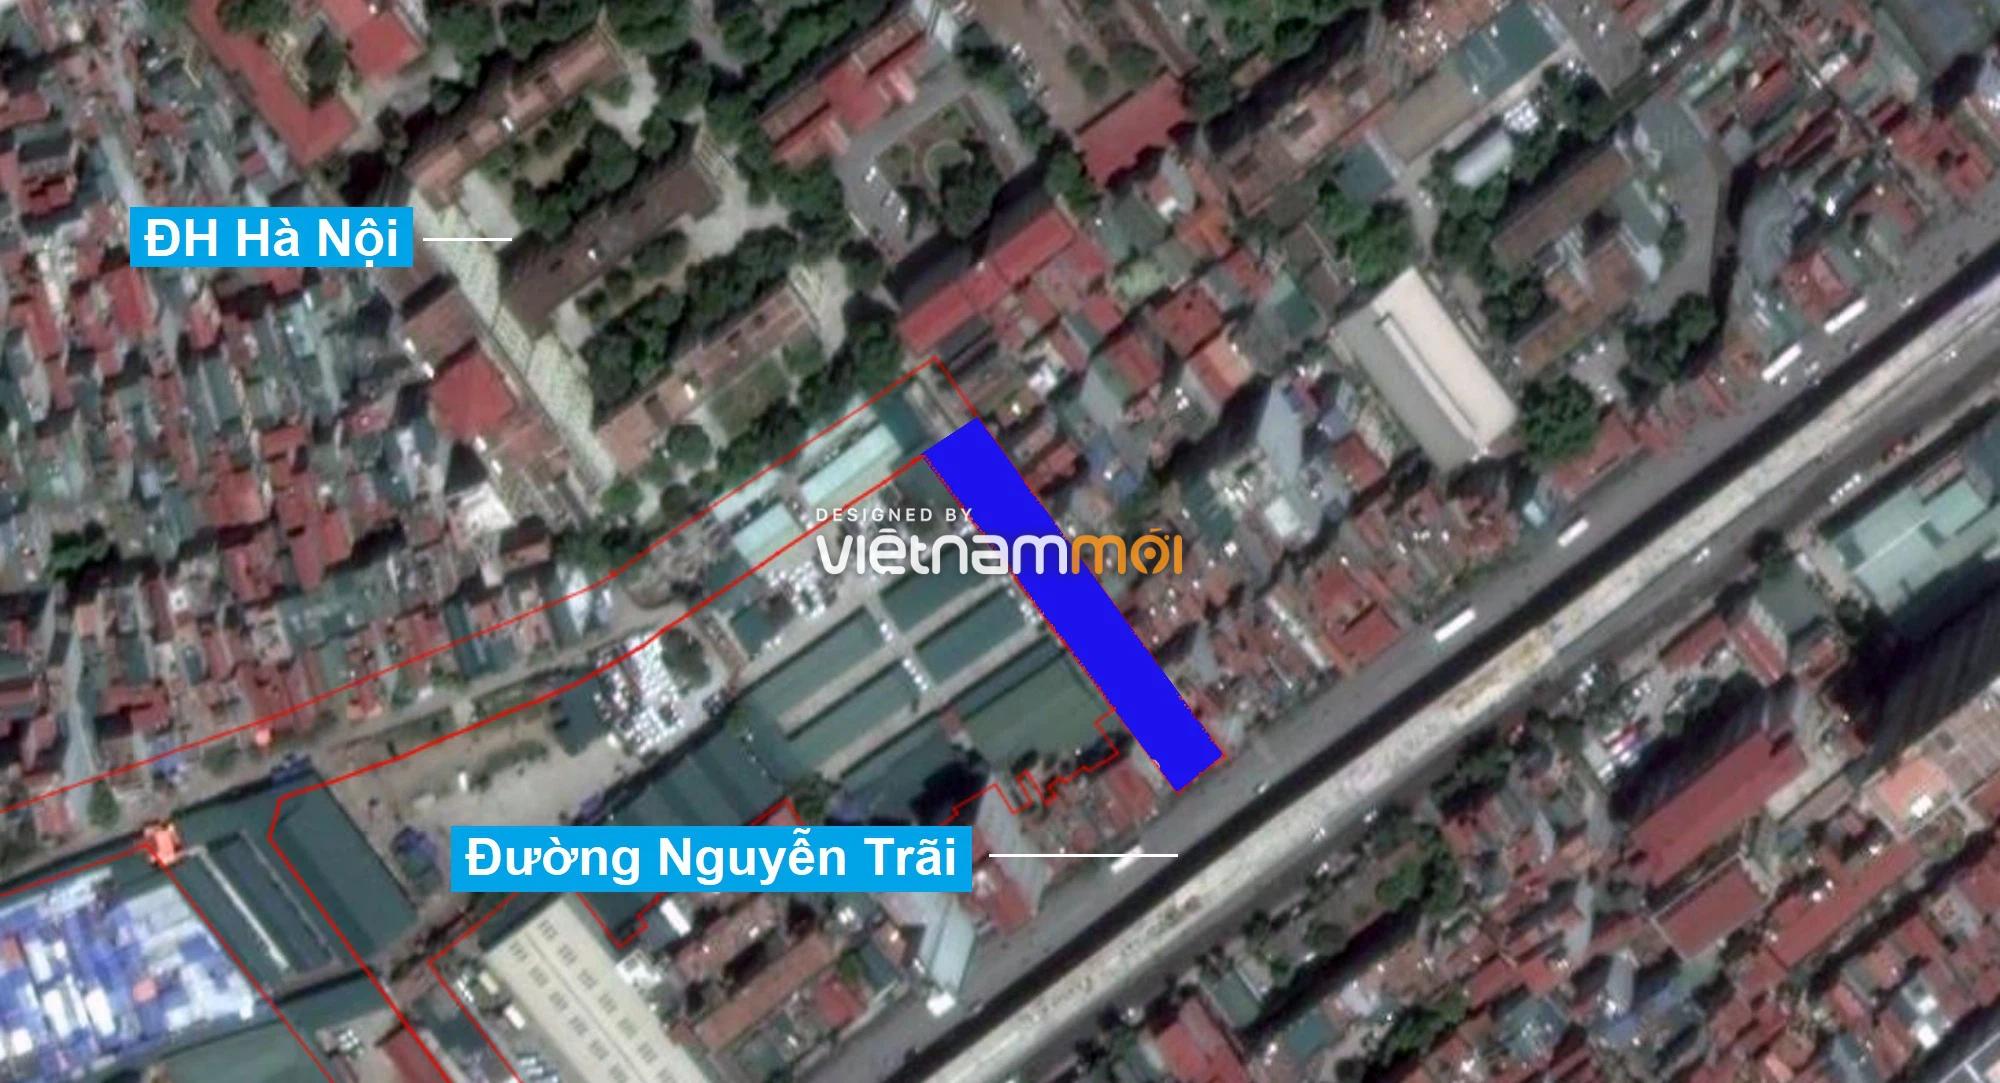 Những khu đất sắp thu hồi để mở đường ở phường Trung Văn, Nam Từ Liêm, Hà Nội (phần 2) - Ảnh 9.